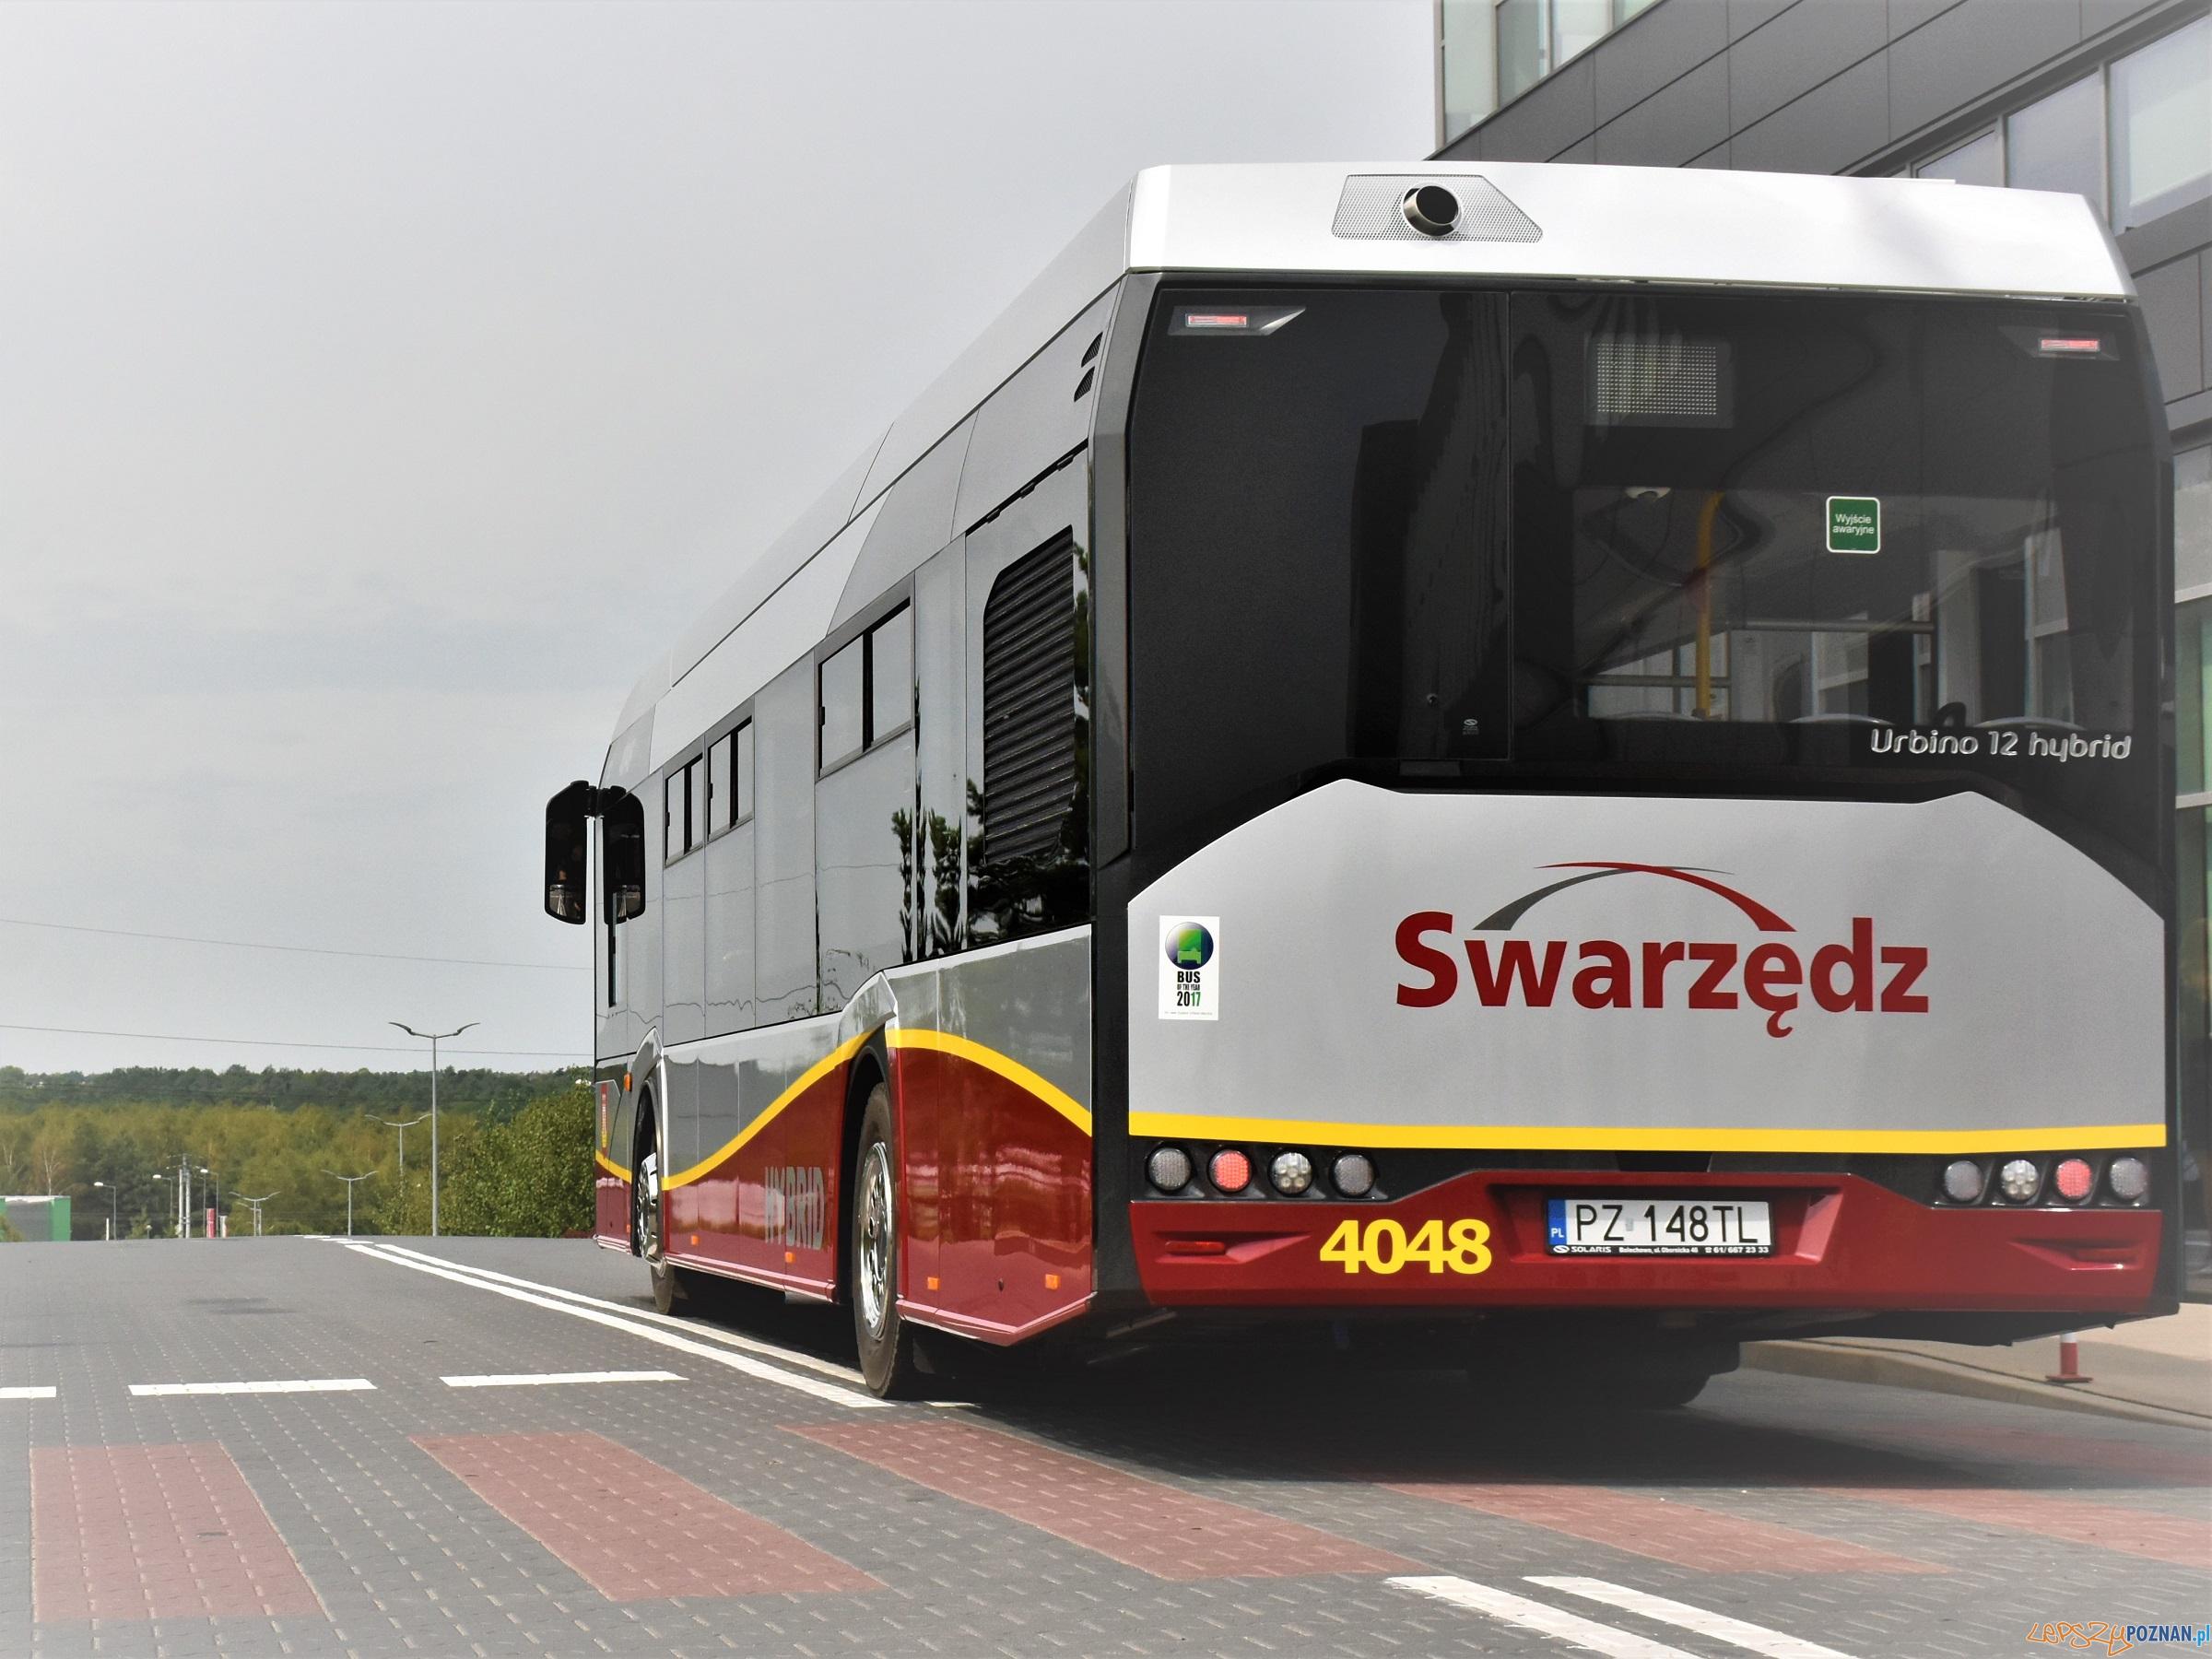 Nowe autobusy na ulicach Swarzędza  Foto: T.Rybarczyk